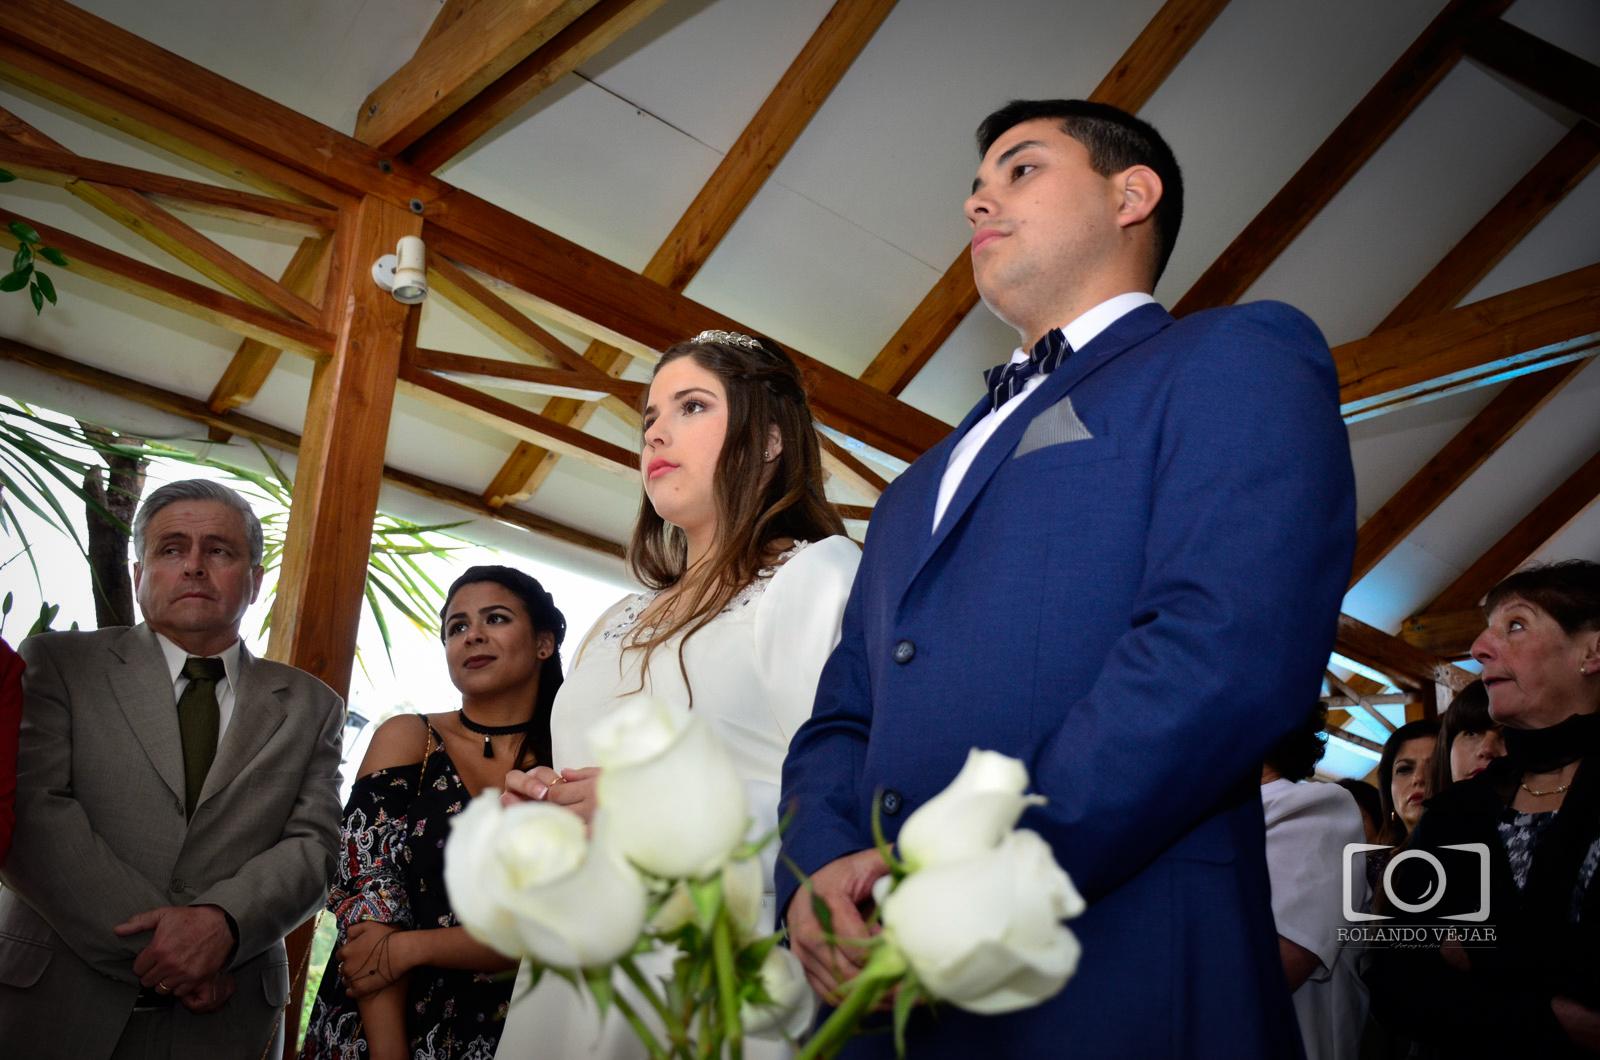 Rolando Vejar Fotografia Matrimonio